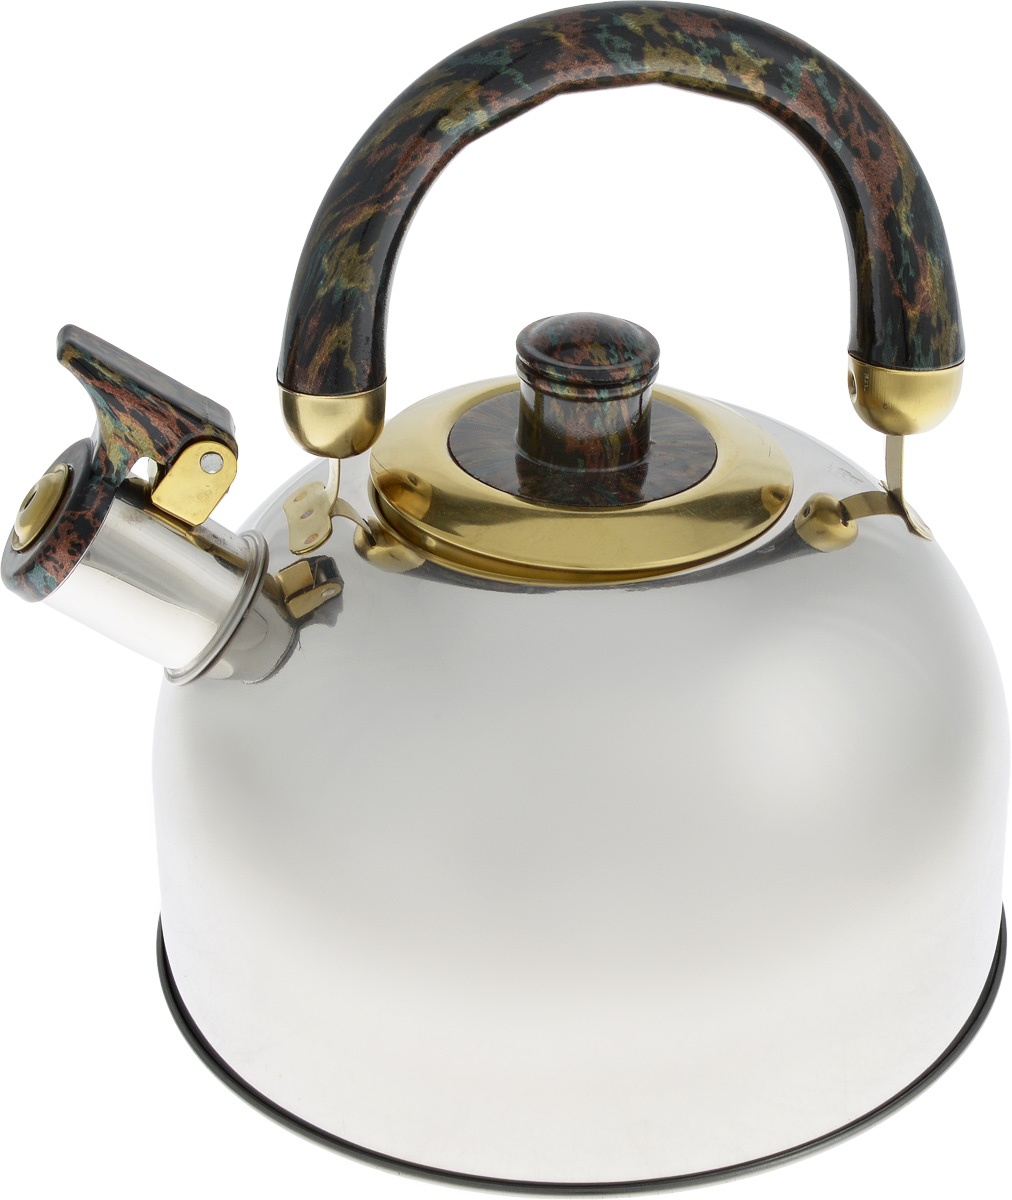 Чайник Bohmann, со свистком, 2,5 лVT-1520(SR)Чайник Bohmann изготовлен из нержавеющей хромоникелевой стали с зеркальной полировкой. Высококачественная сталь представляет собой материал, из которого в течение нескольких десятилетий во всем мире производятся столовые приборы, кухонные инструменты и различные аксессуары. Этот материал обладает высокой стойкостью к коррозии и кислотам. Прочность, долговечность и надежность этого материала, а также первоклассная обработка обеспечивают практически неограниченный запас прочности и неизменно привлекательный внешний вид. Чайник оснащен удобной ручкой из бакелита. Ручка не нагревается, что предотвращает появление ожогов и обеспечивает безопасность использования. Носик чайника имеет откидной свисток для определения кипения. Можно использовать на всех типах плит, включая индукционные. Можно мыть в посудомоечной машине. Диаметр (по верхнему краю): 8,5 см.Высота чайника (без учета ручки): 12 см.Высота чайника (с учетом ручки): 20,5 см.Диаметр основания: 12 см.